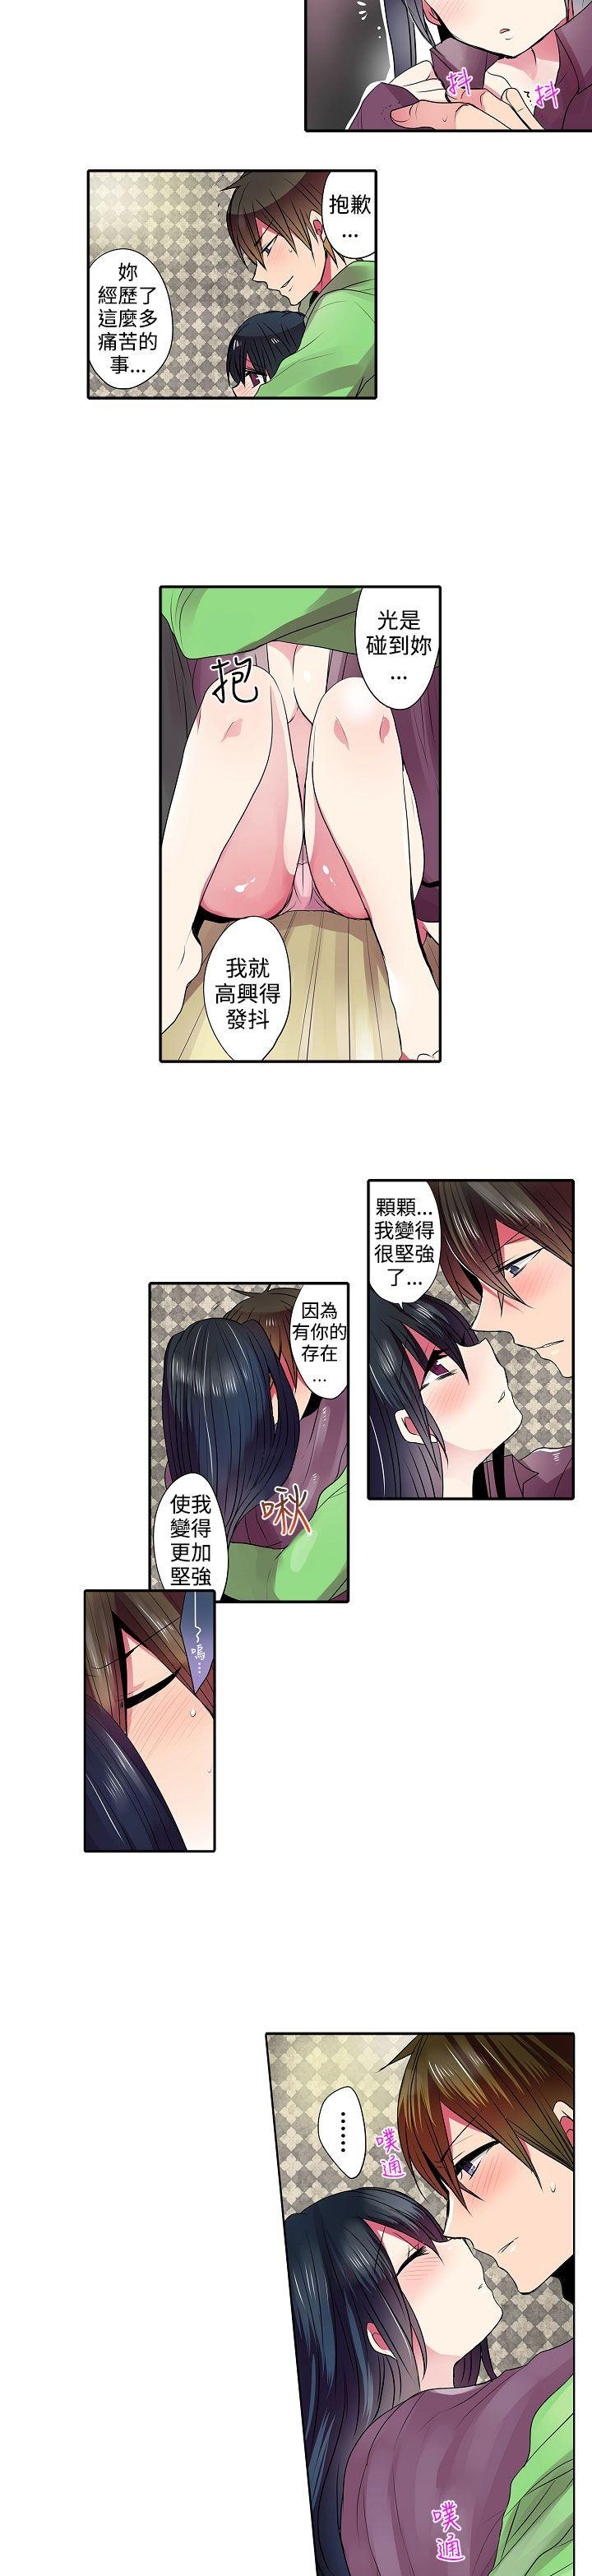 凌辱贩卖机-第41话全彩韩漫标签